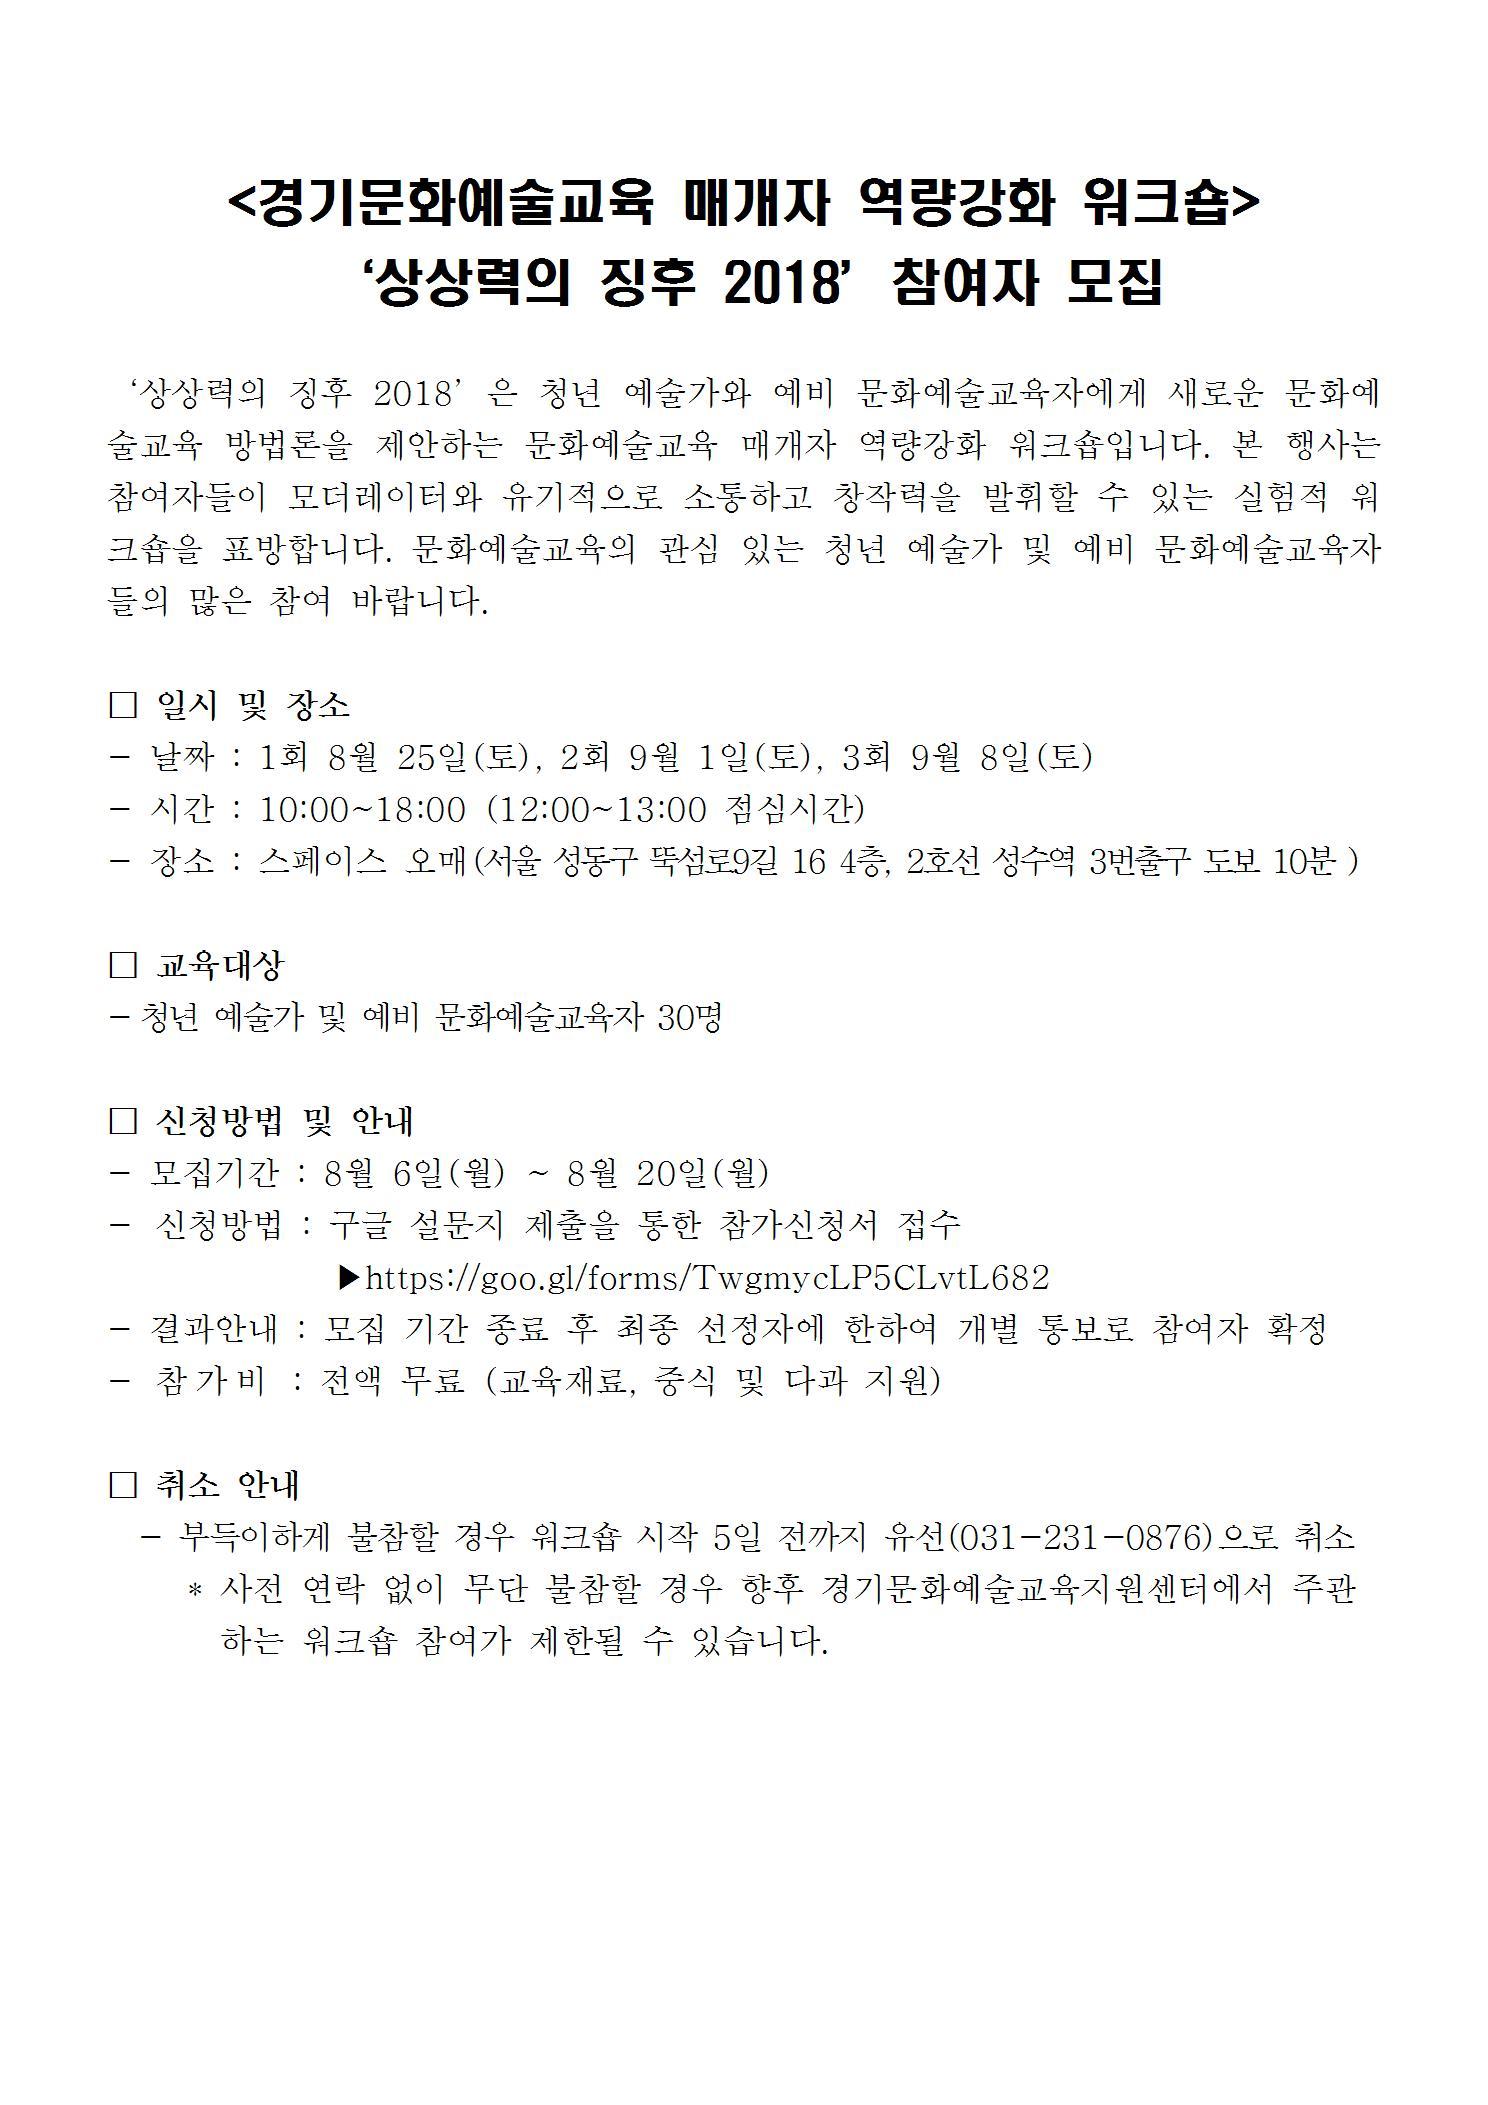 2018 경기문화예술교육 매개자 역량강화 워크숍 참여자 모집 공고문001